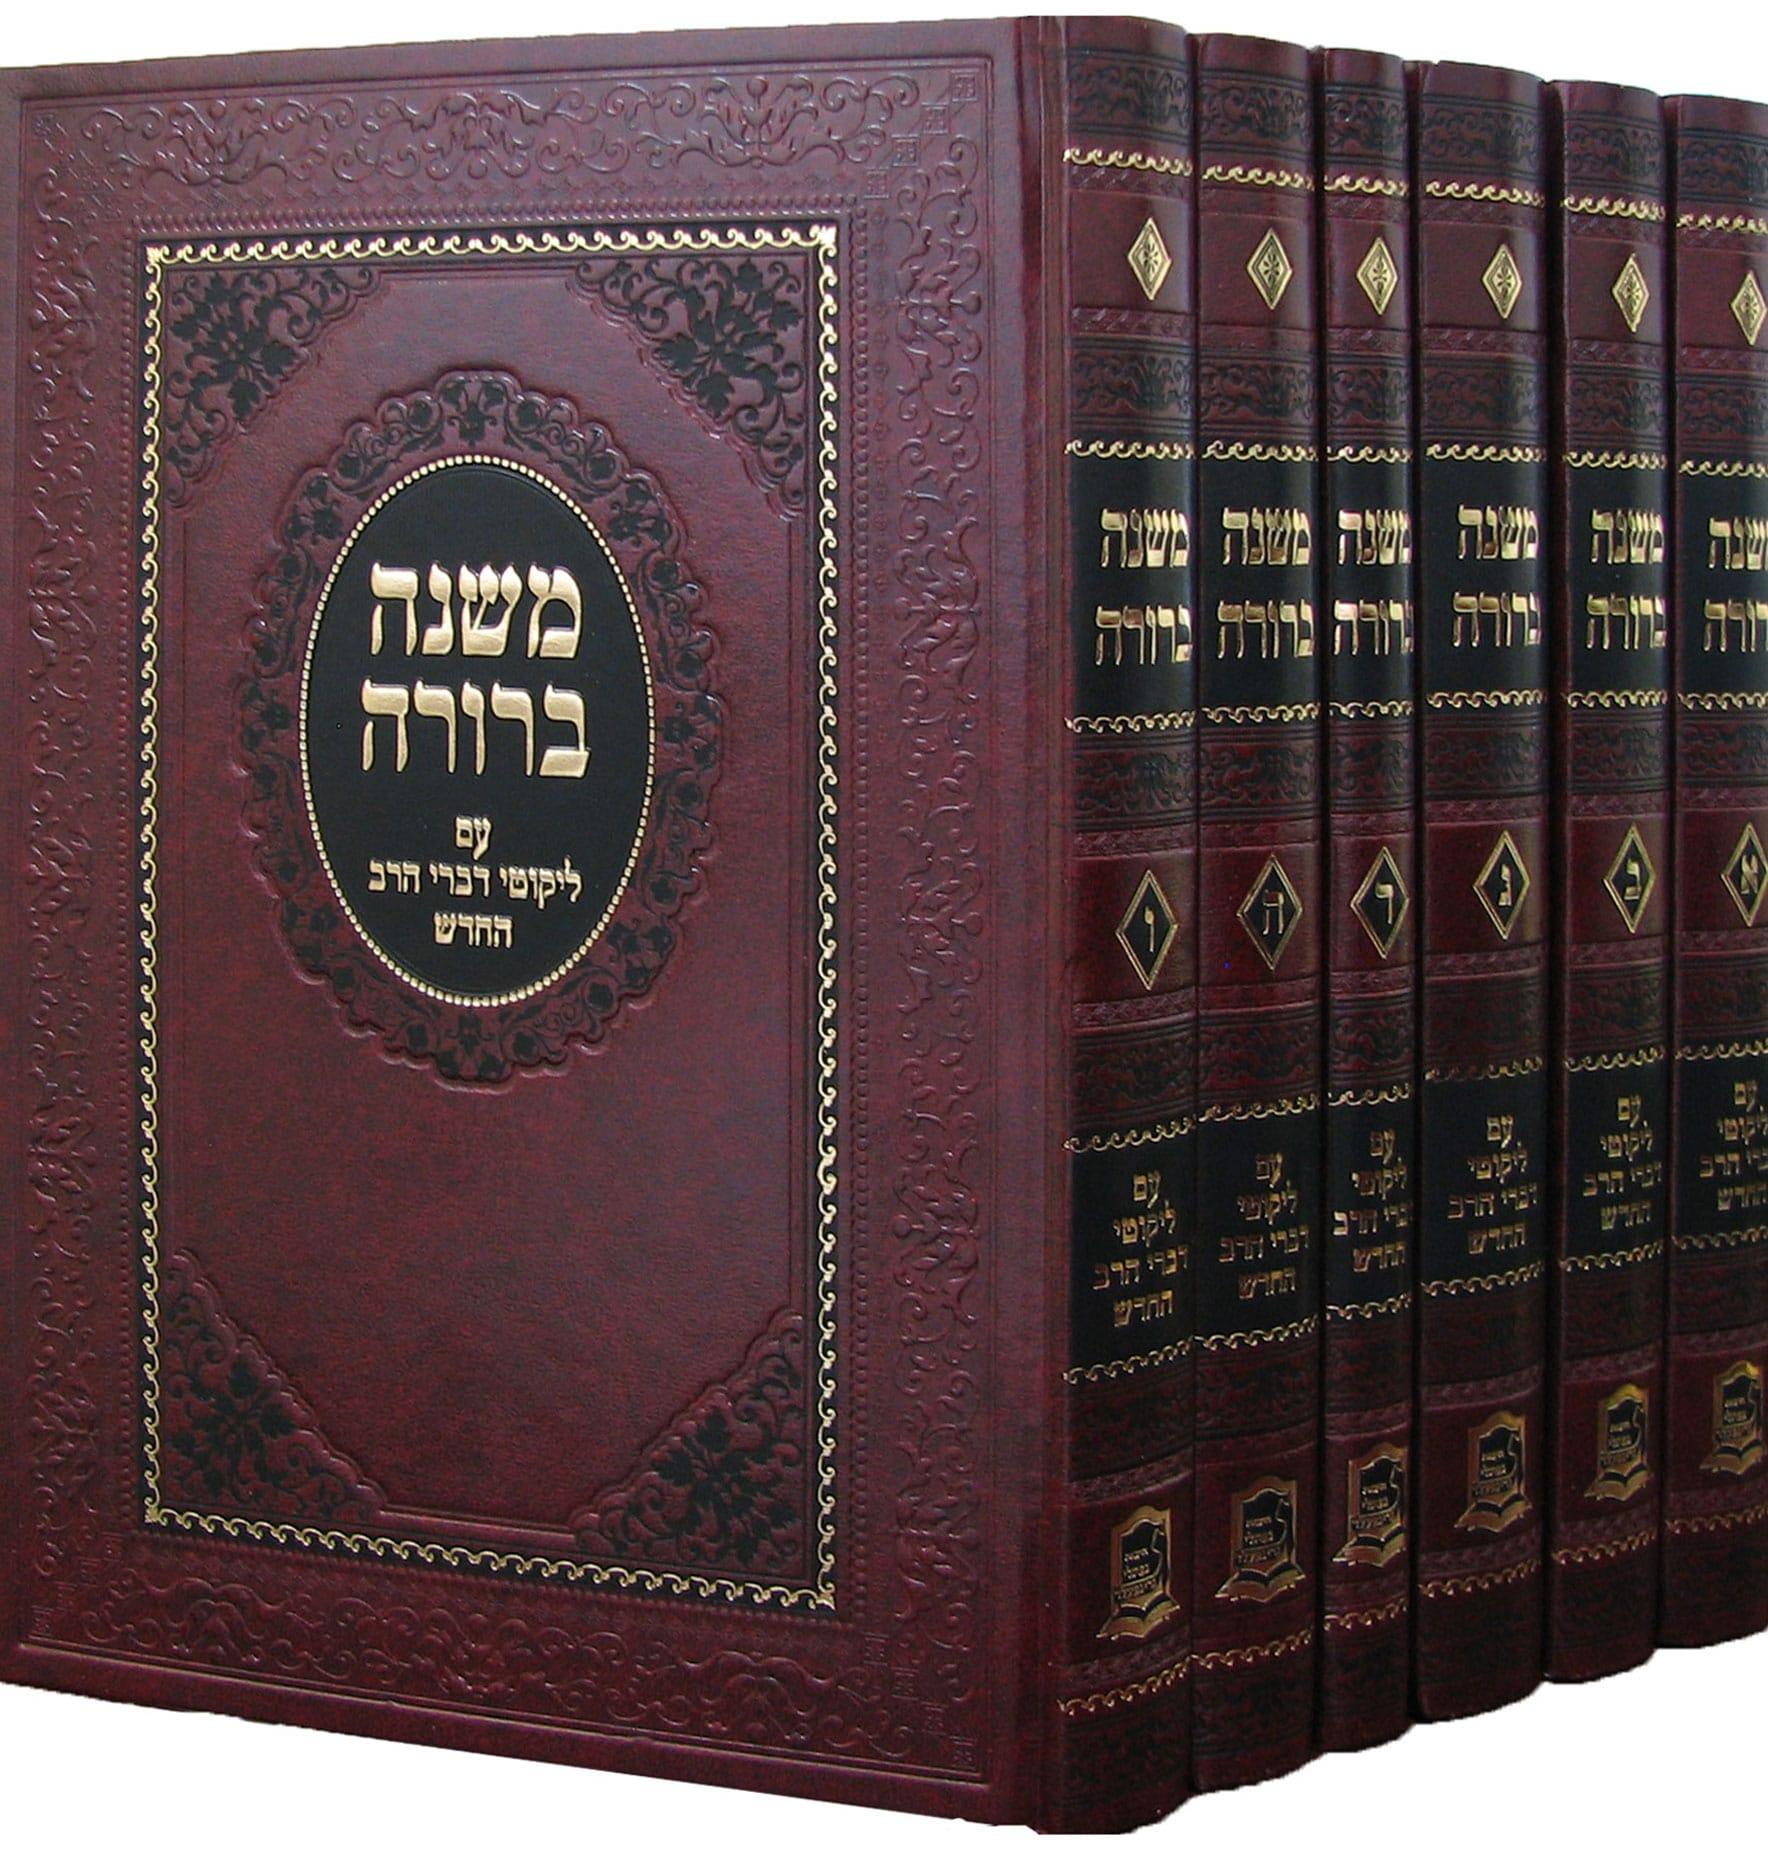 Mentionner la pluie dans la Amida (10) – Shoul'han Aroukh chapitre 114 §4 – Mishna Béroura